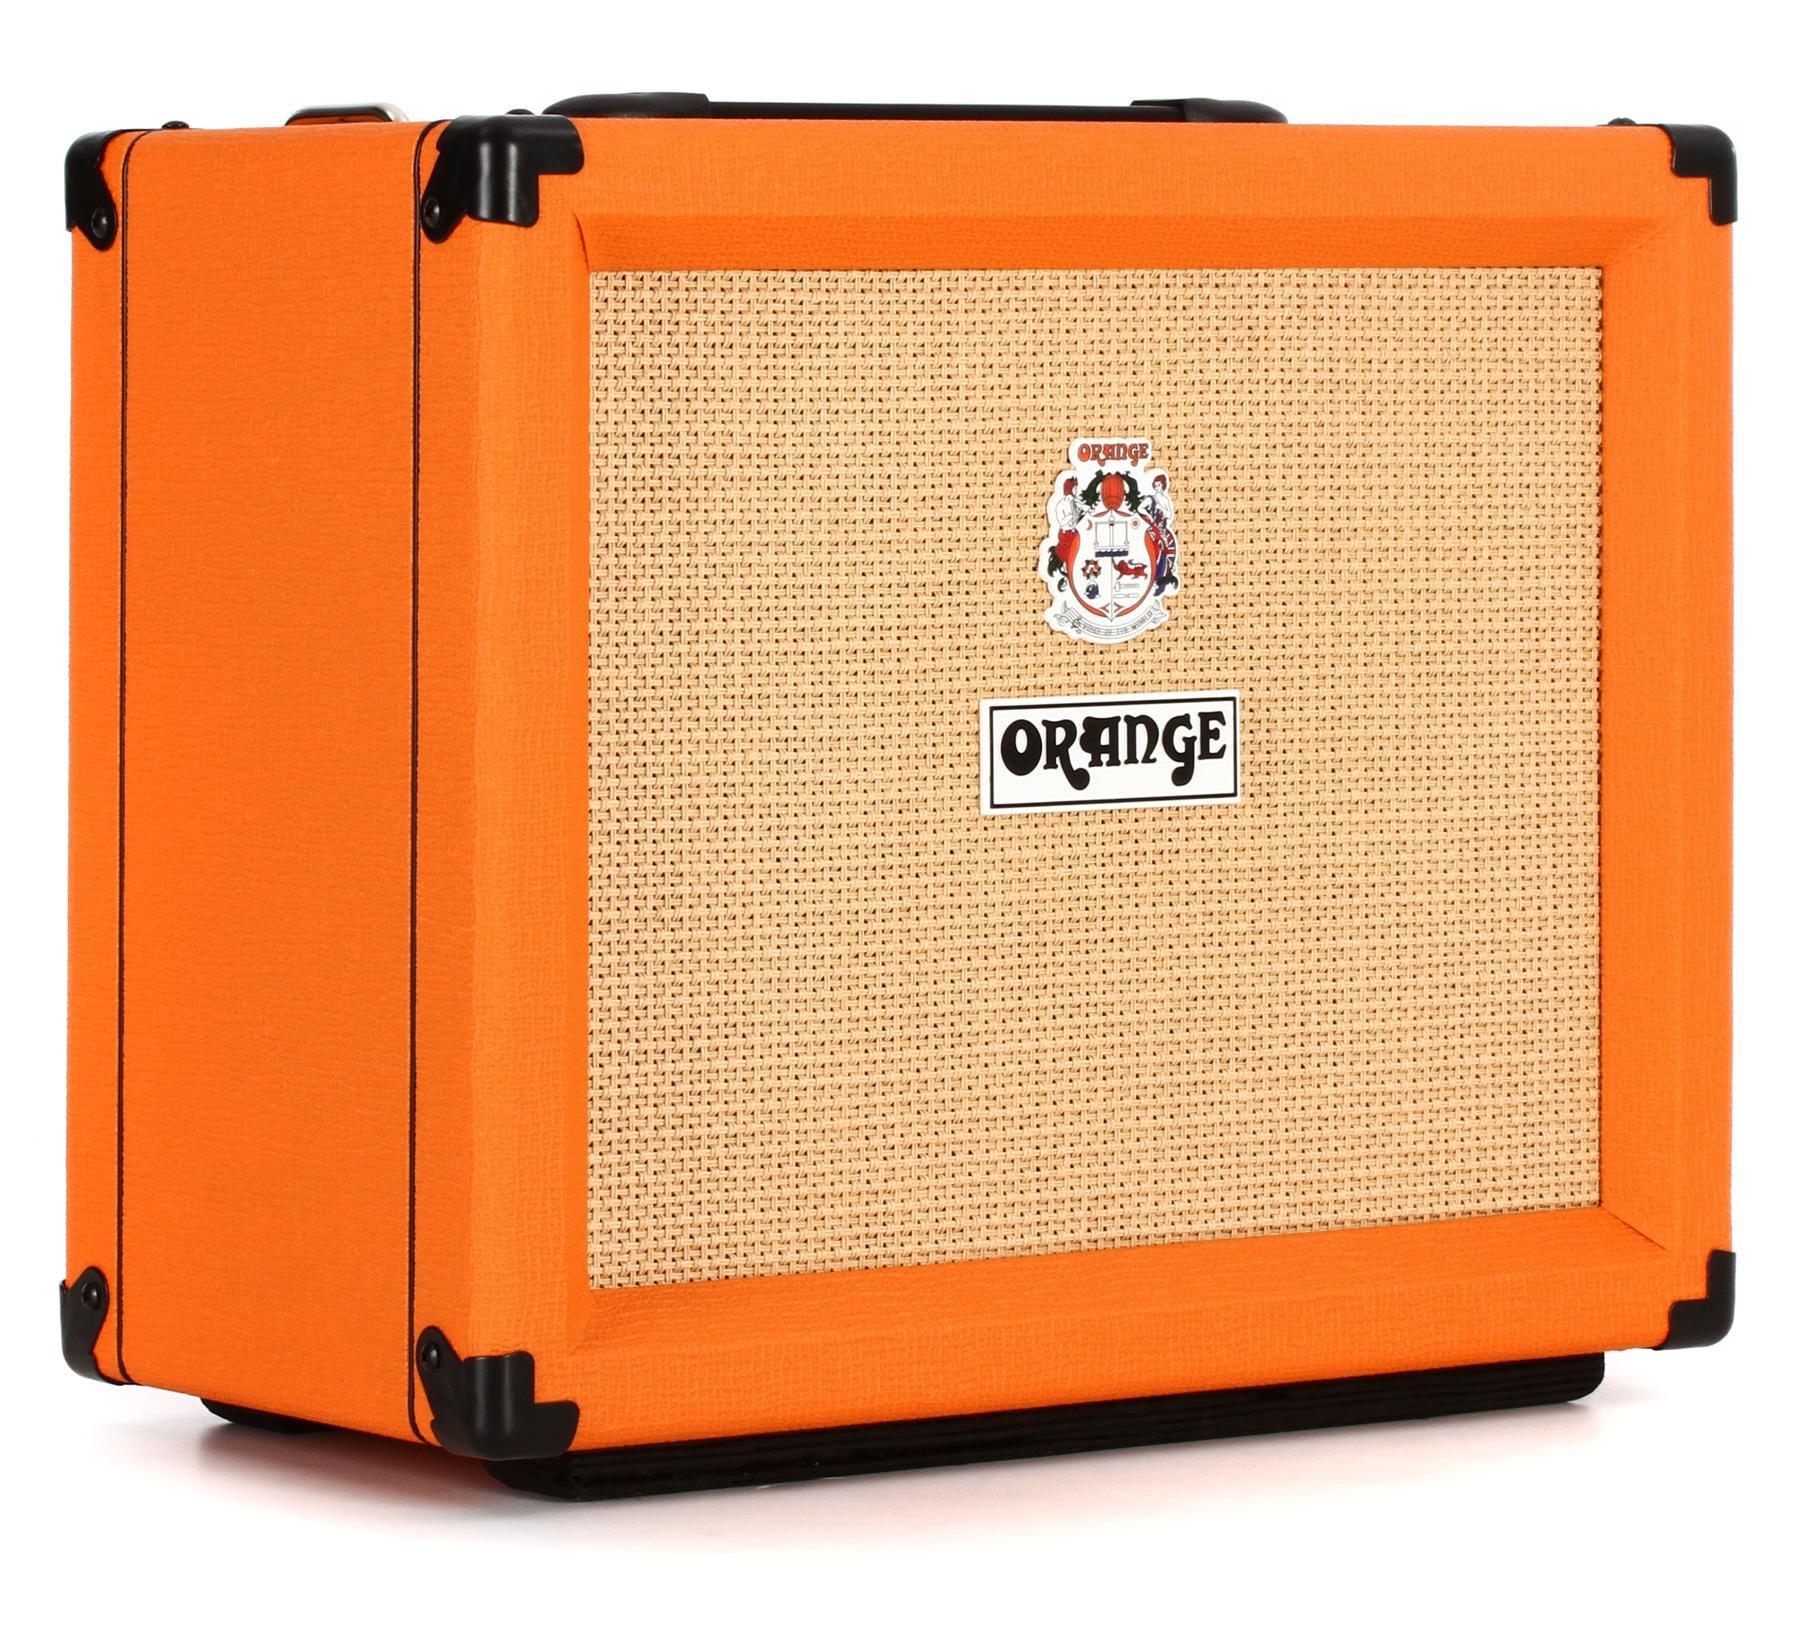 Orange Rocker 15 Watt 1x10 Tube Combo Sweetwater 32 Amplifier Image 1